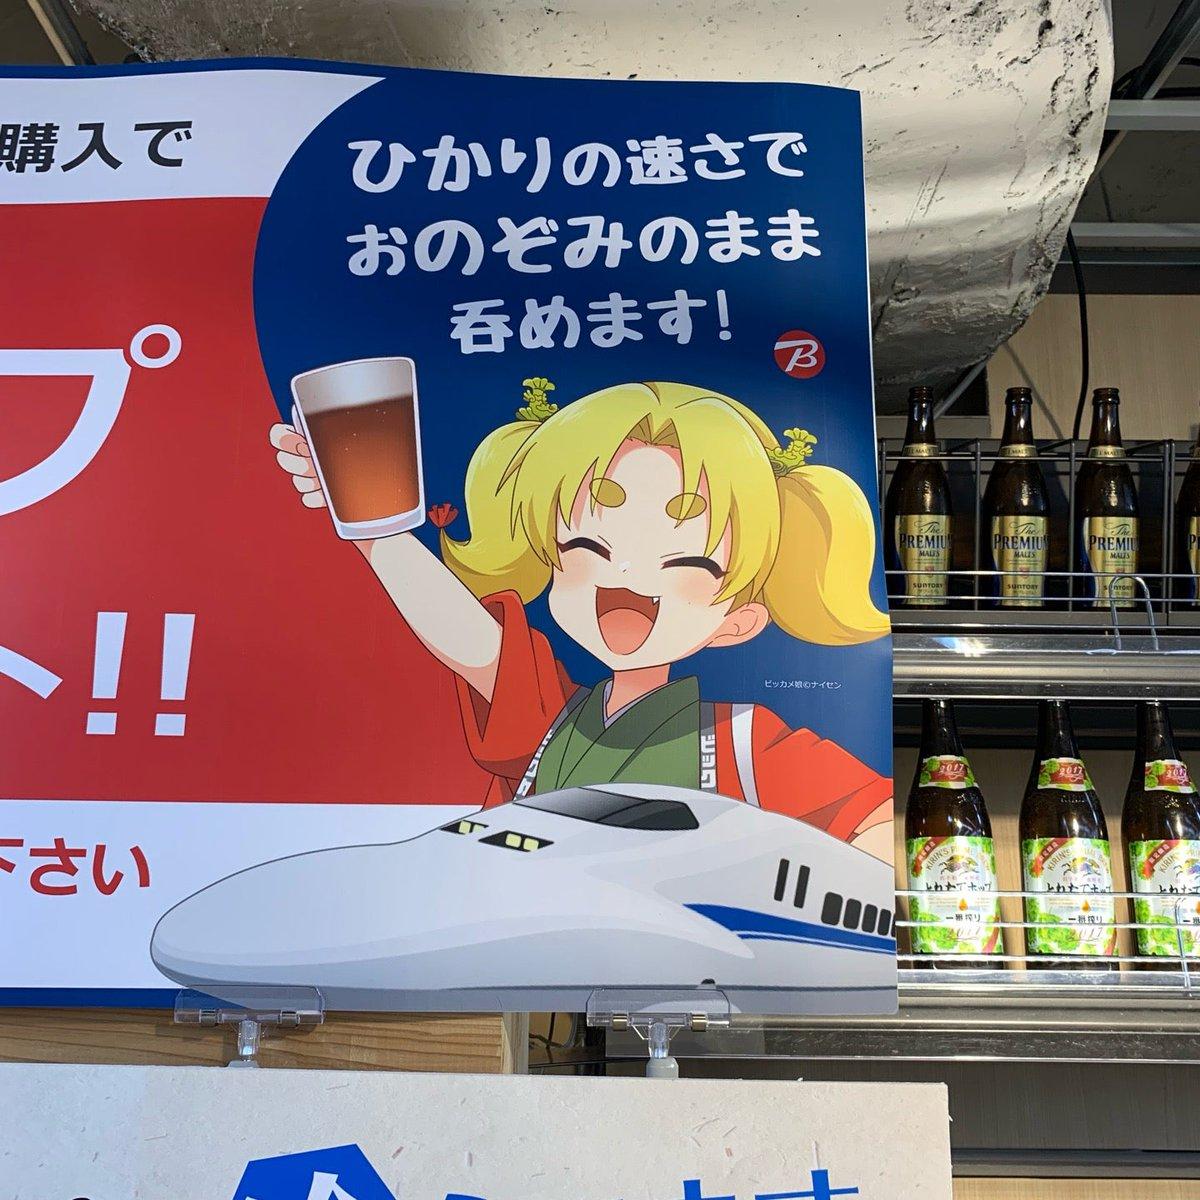 ビックカメラ 名古屋駅西店 ビック酒販(ひかりの速さでおぞみのまま呑めます!)